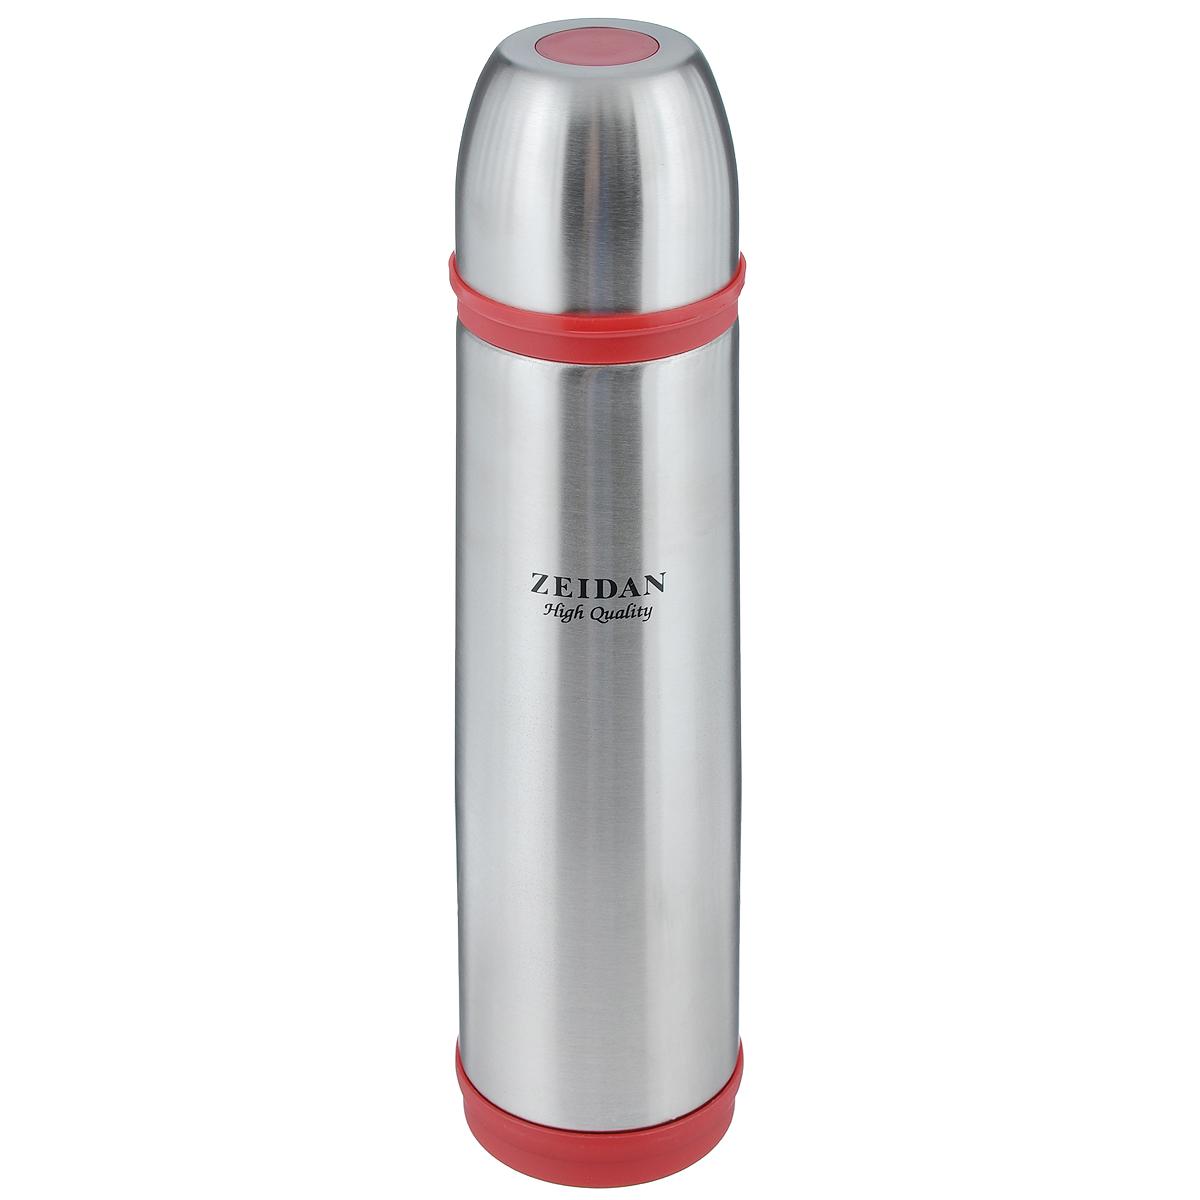 Термос Zeidan, цвет: красный, серебристый, 1 лZ-9038 КрасныйТермос с узким горлом Zeidan, изготовленный из высококачественной нержавеющей стали, является простым в использовании, экономичным и многофункциональным. Термос с двухстеночной вакуумной изоляцией, предназначенный для хранения горячих и холодных напитков (чая, кофе). Изделие укомплектовано пробкой с кнопкой. Такая пробка удобна в использовании и позволяет, не отвинчивая ее, наливать напитки после простого нажатия. Изделие также оснащено крышкой-чашкой. Легкий и прочный термос Zeidan сохранит ваши напитки горячими или холодными надолго.Высота (с учетом крышки): 33,5 см.Диаметр горлышка: 5 см.